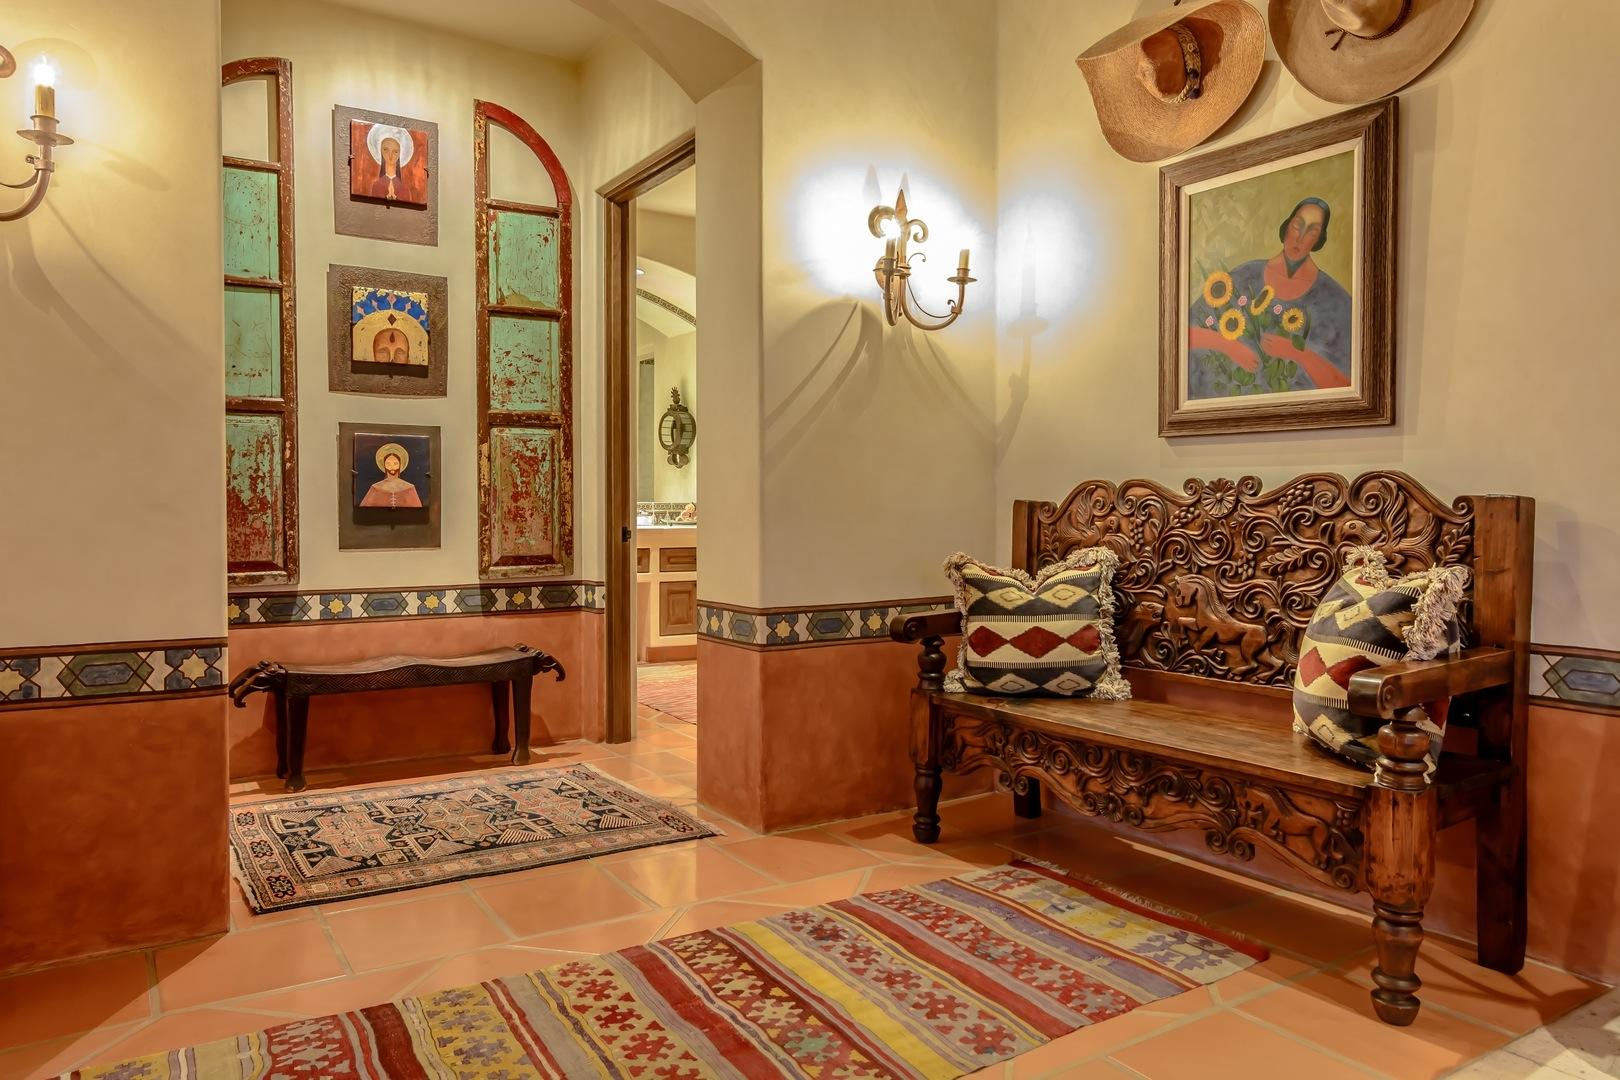 San Jose Corridor, 4 Bedrooms Bedrooms, ,4 BathroomsBathrooms,House,For Sale,VDM Casita 45,18-440